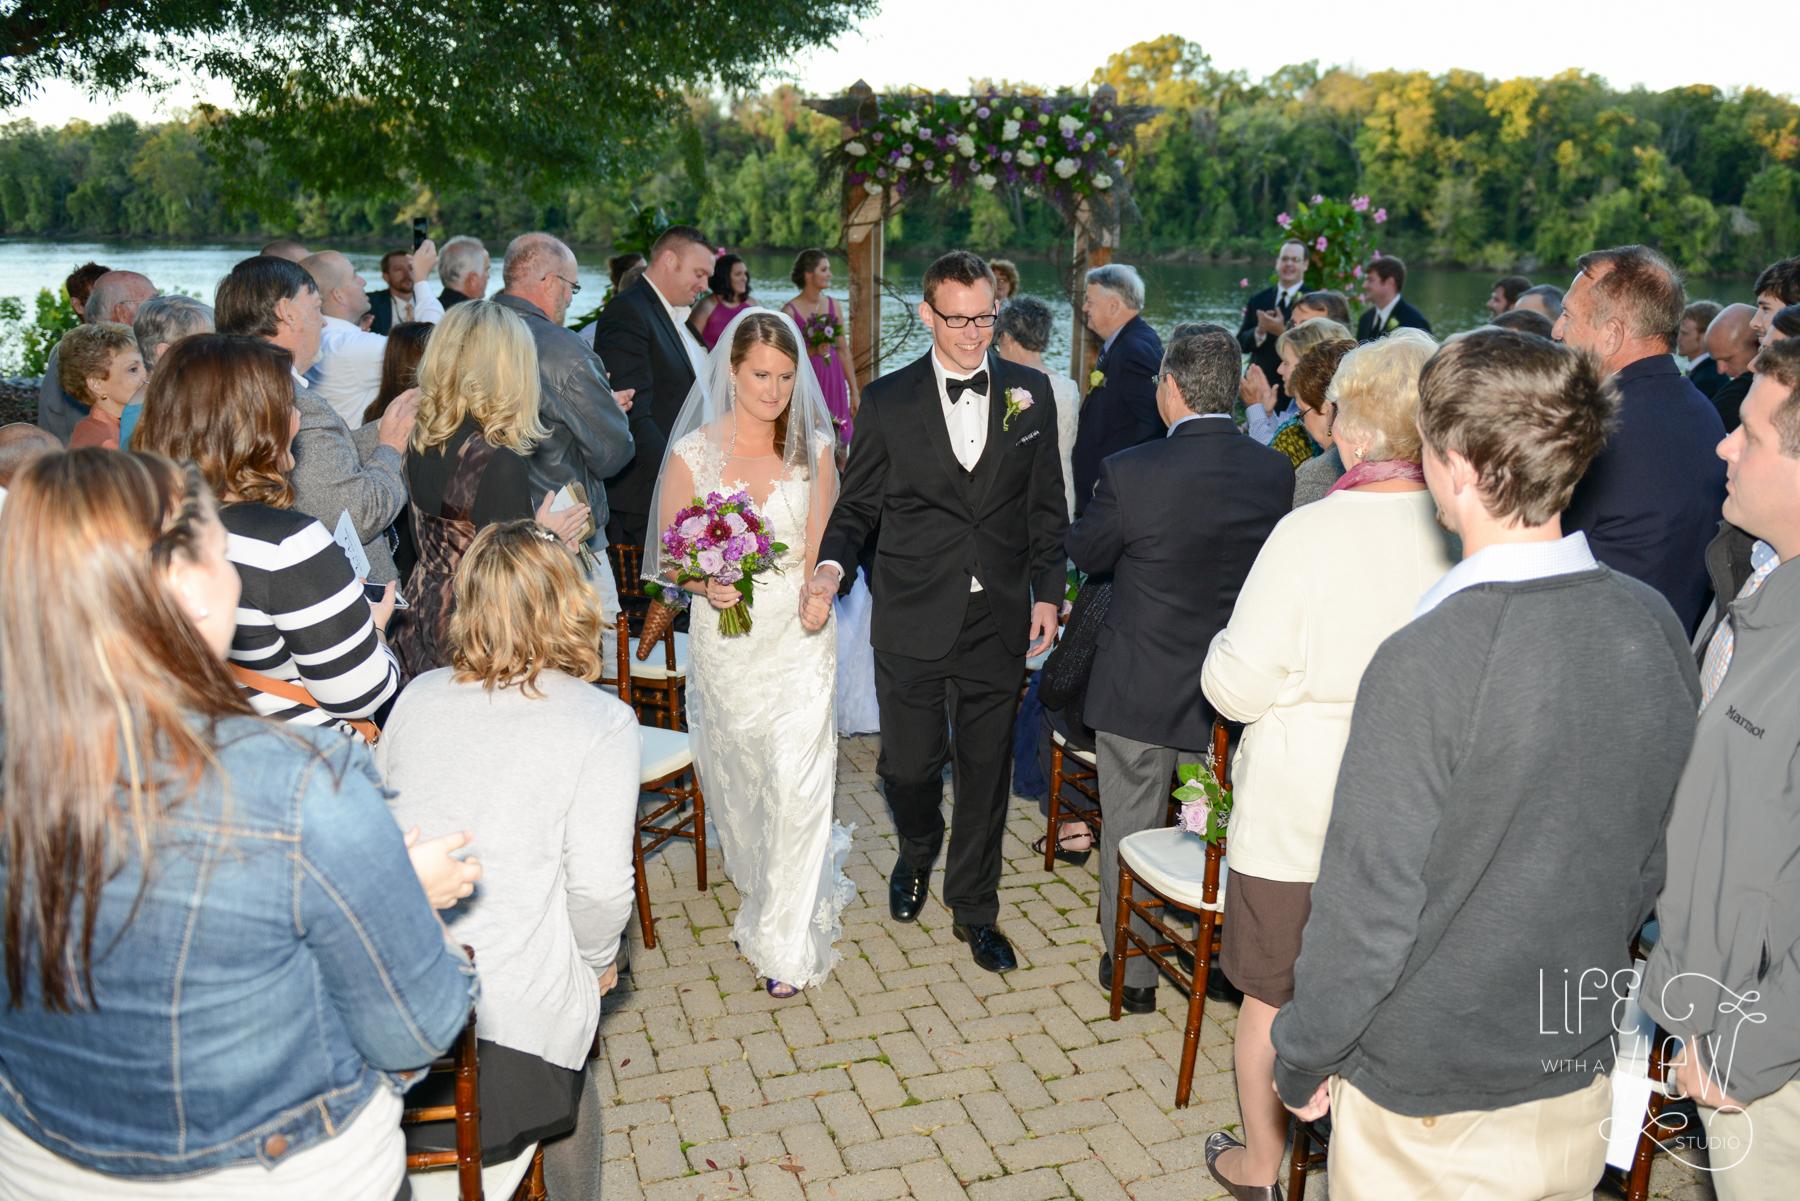 Manker-Patten-Wedding-83.jpg